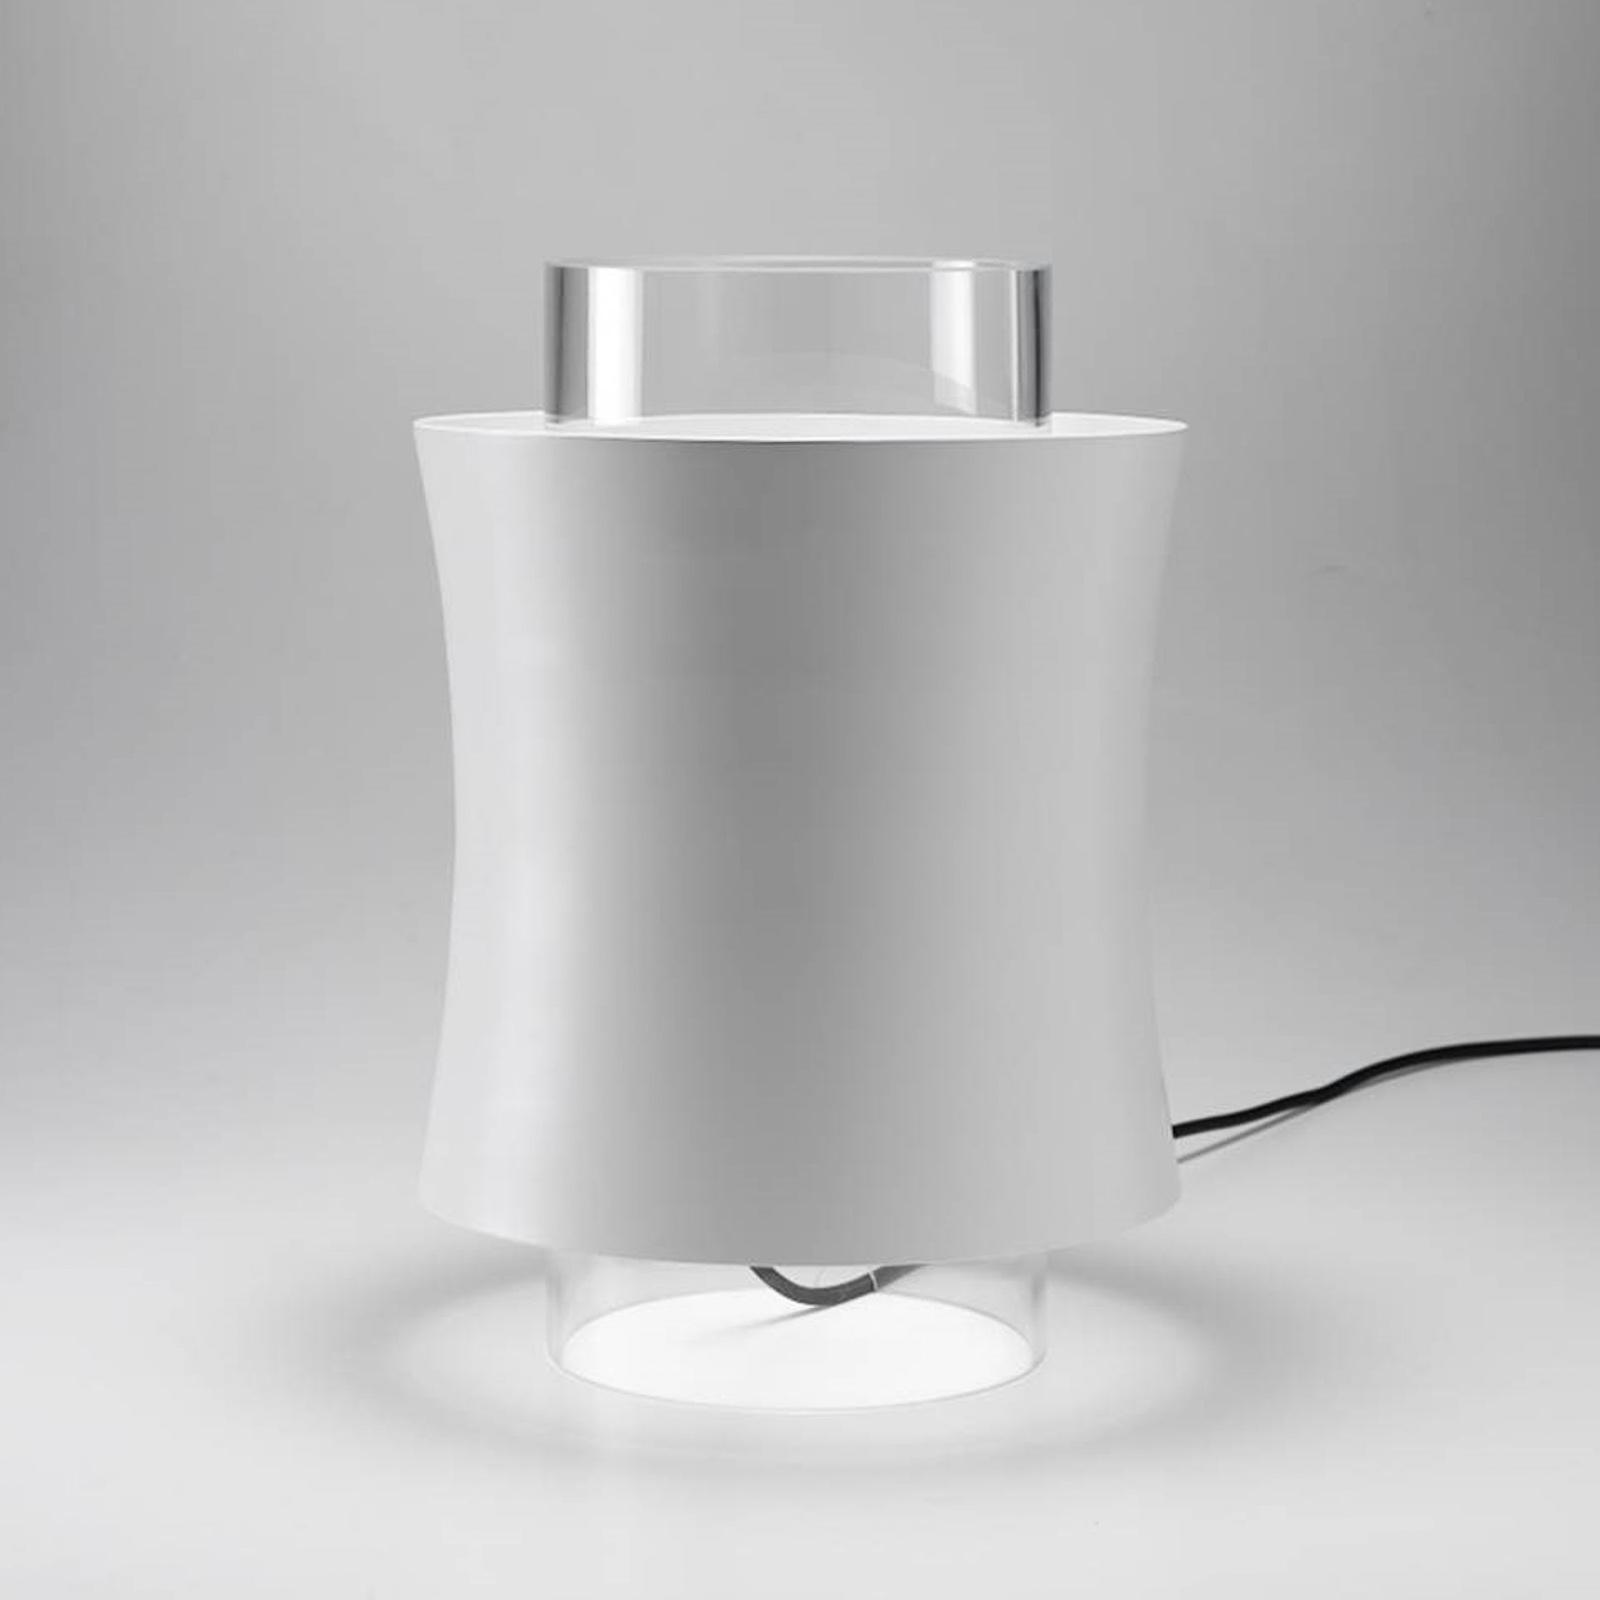 Prandina Fez T1 lampe à poser blanche mate